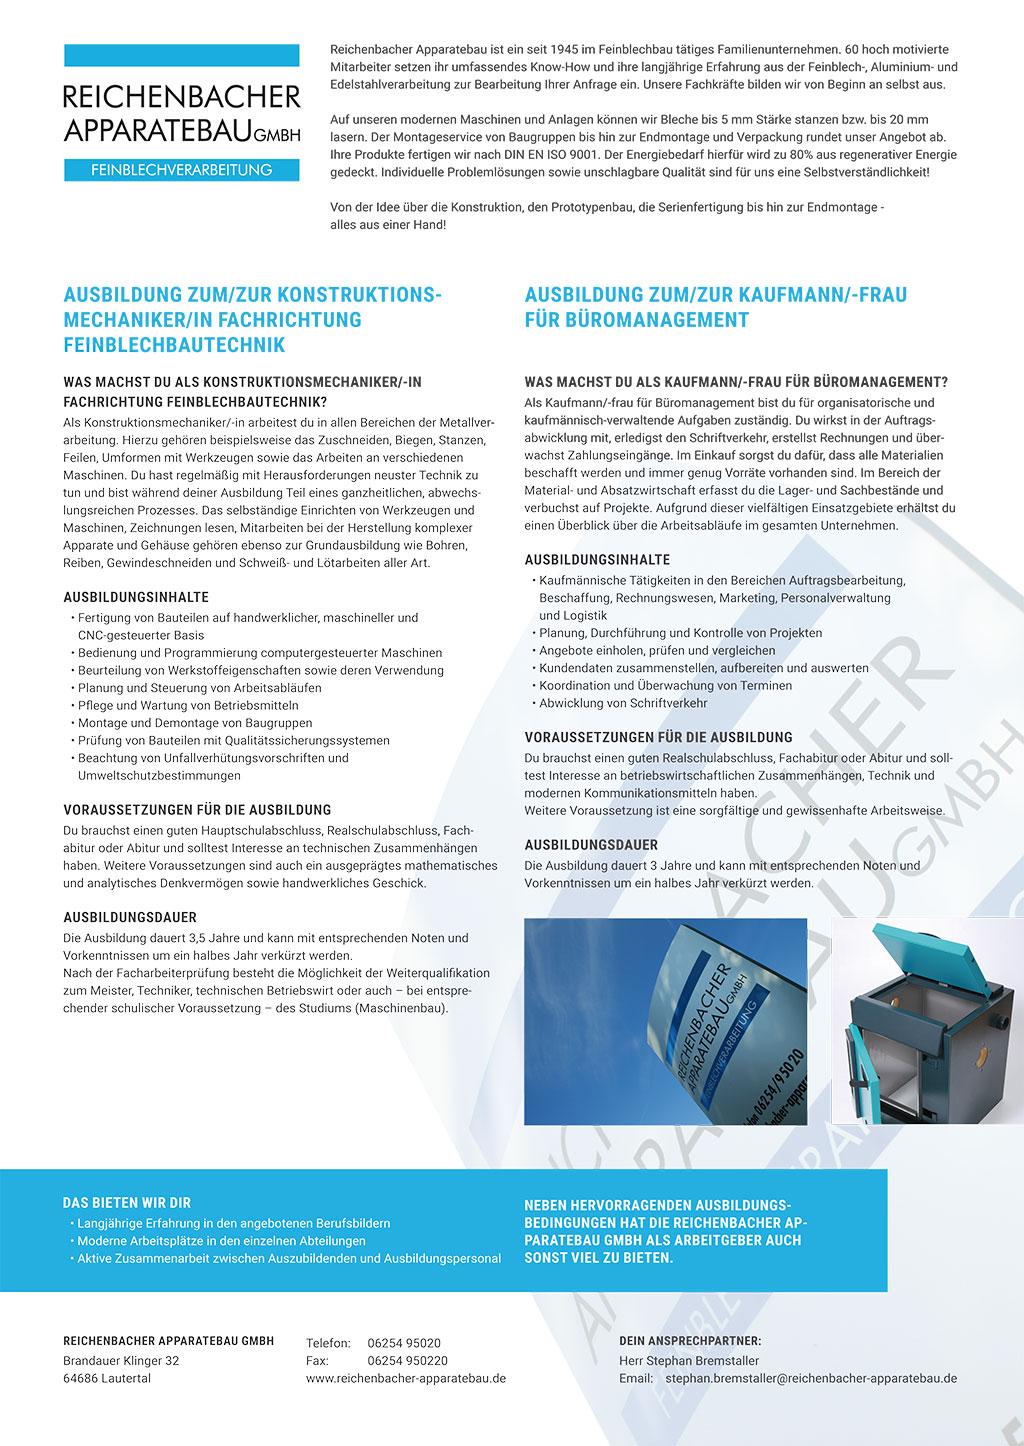 Ausbildungsplakat: Reichenbacher Apparatebau GmbH